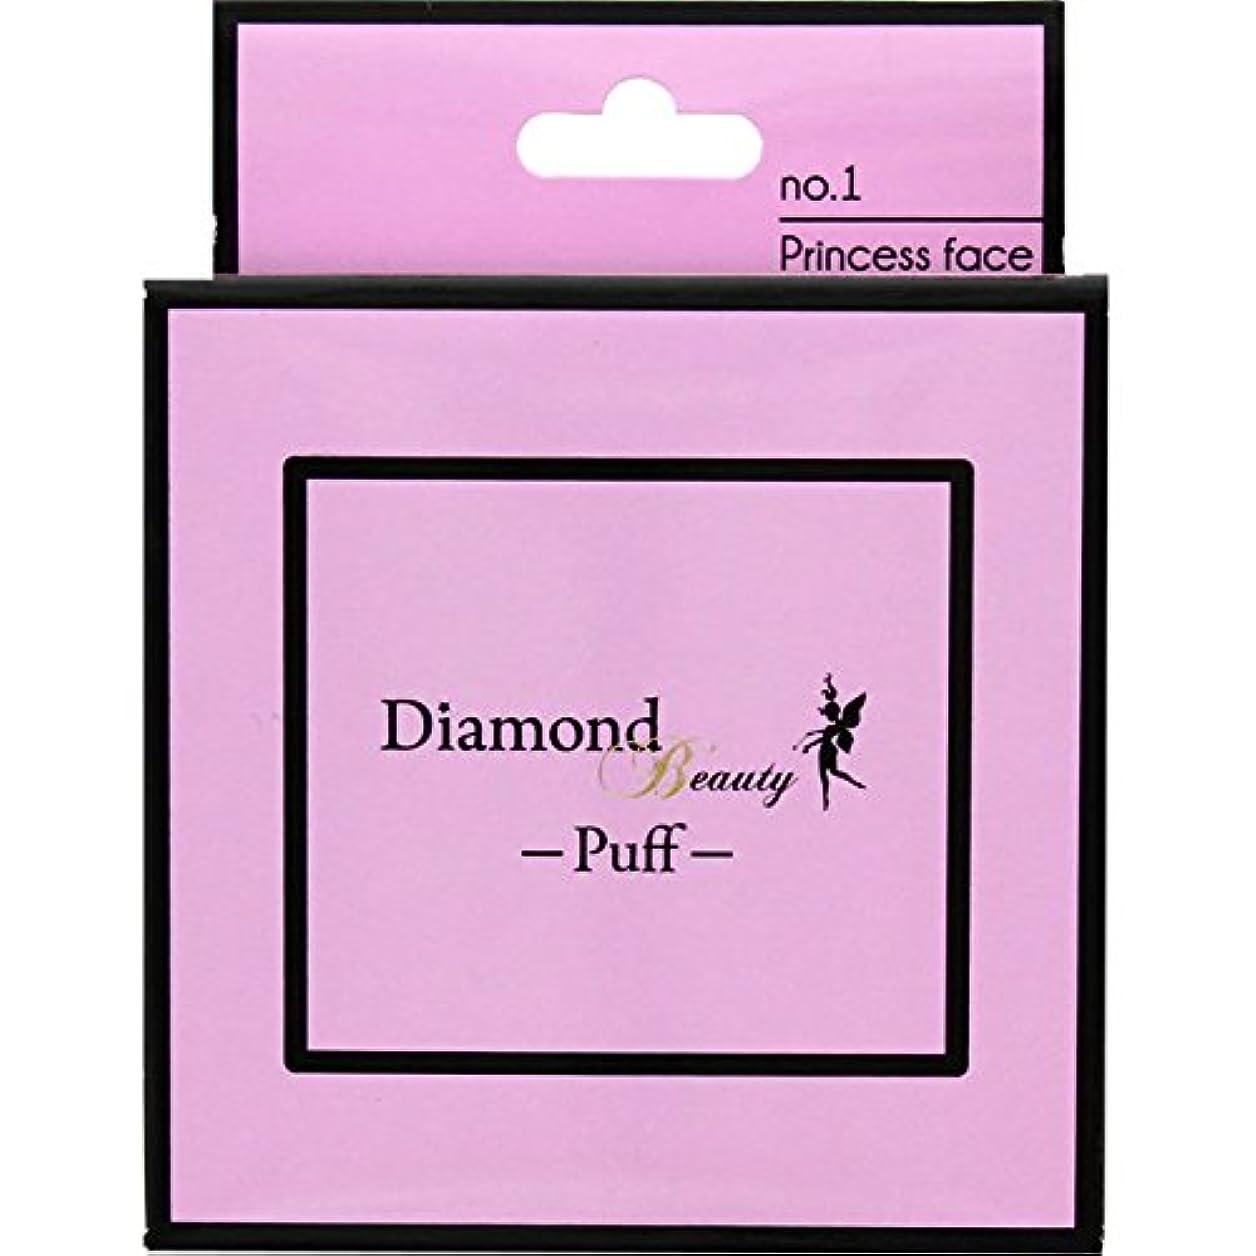 ダイヤモンドビューティー パフ 01 プリンセスフェイス